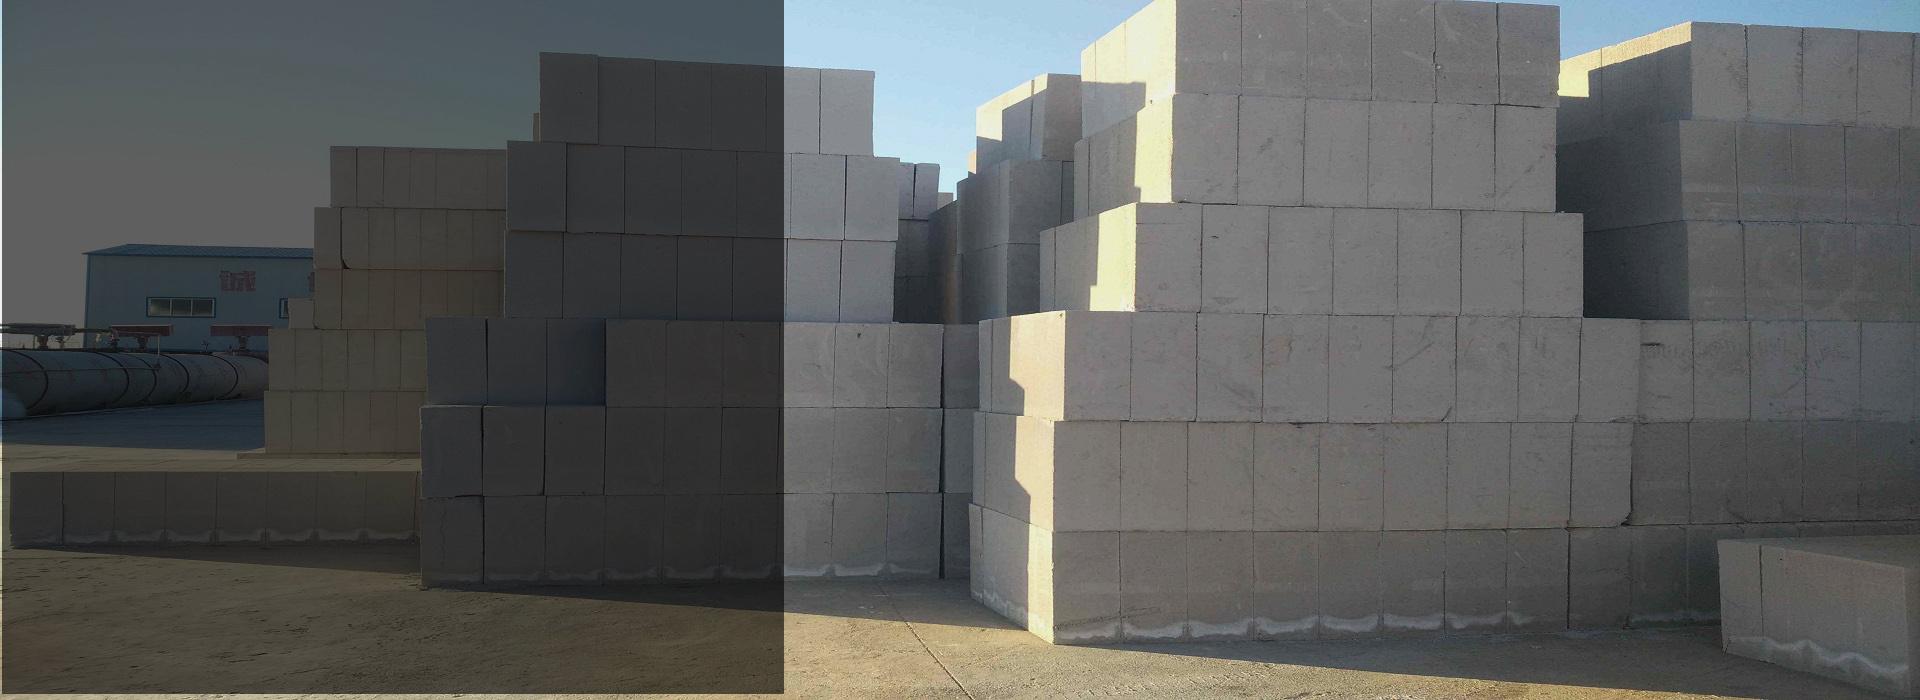 四川加气混凝土厂家聊聊加气混凝土砖使用前应注意事项